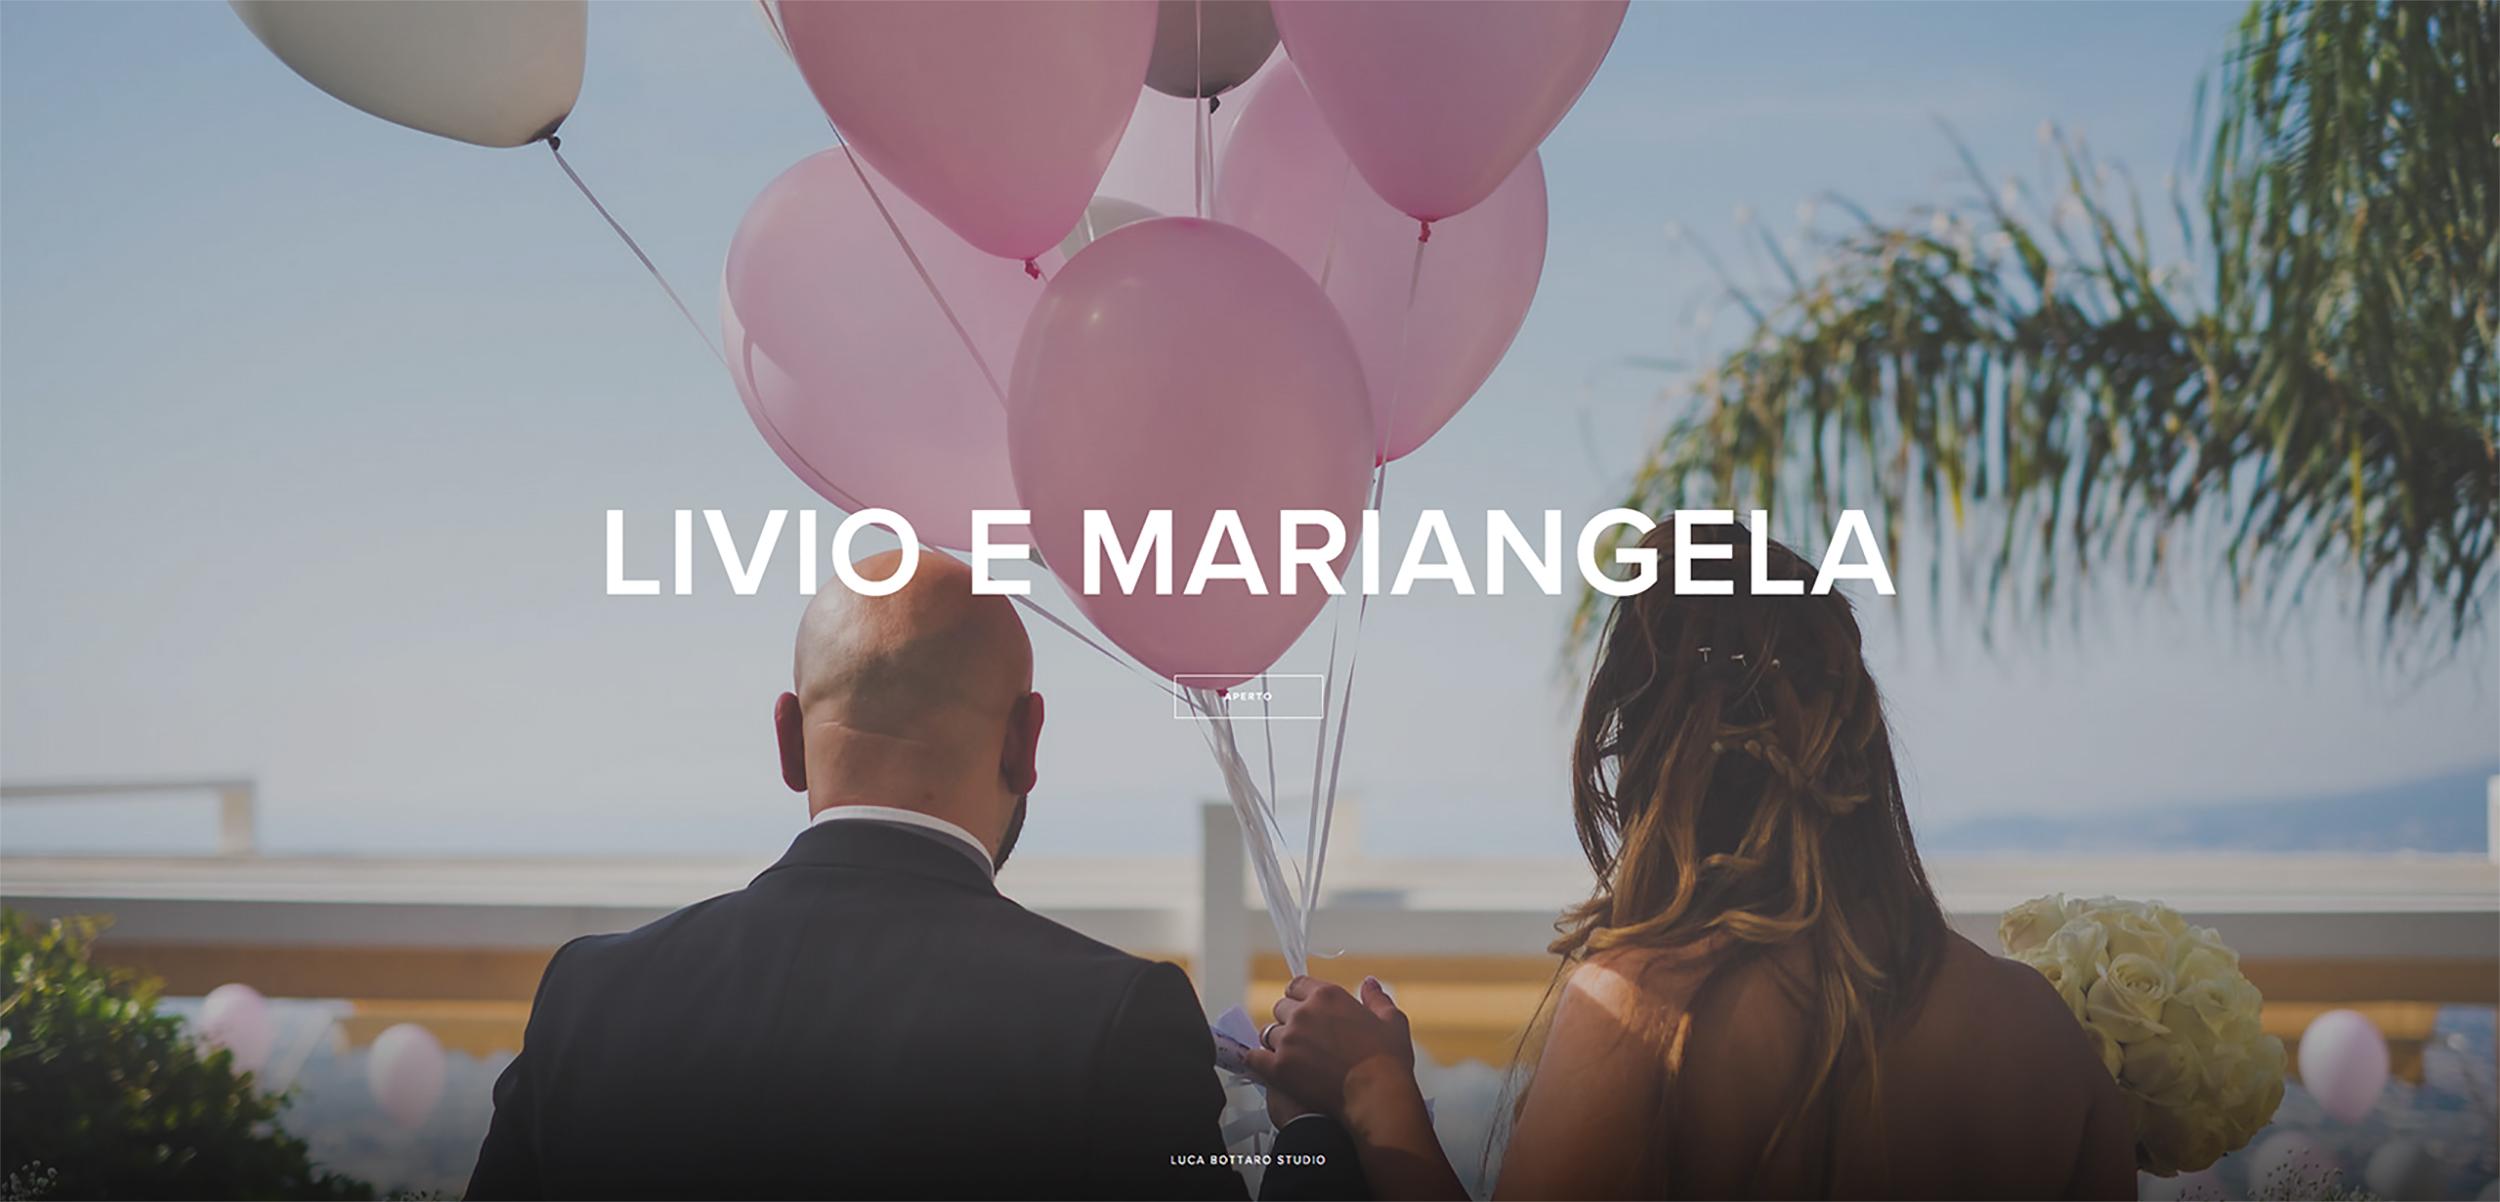 Wedding Ballon